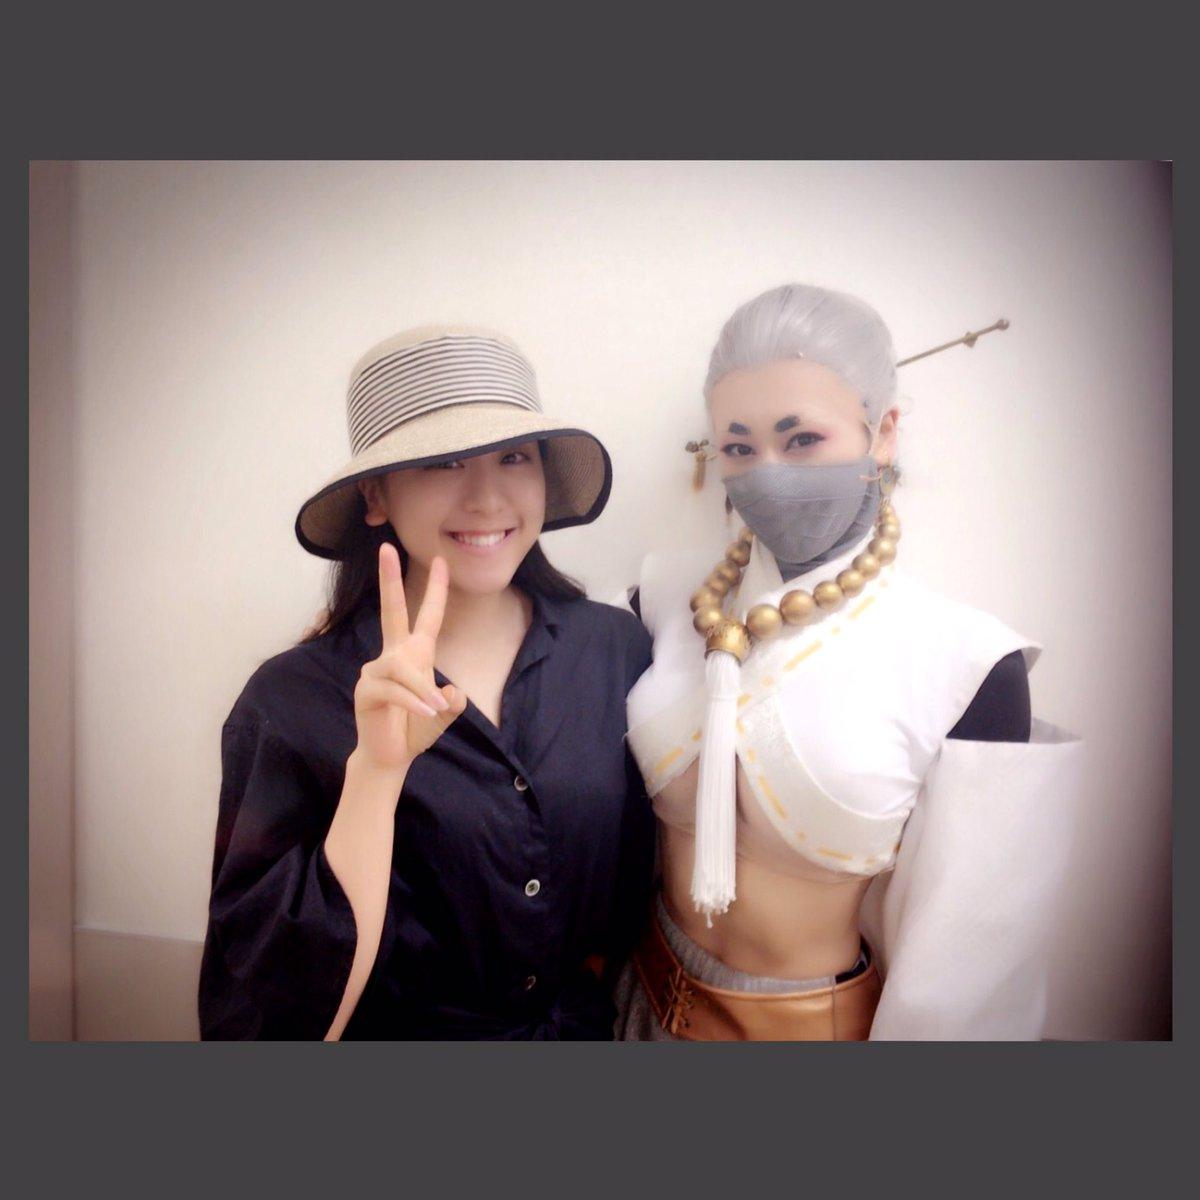 浅田舞が出演する舞台公演を浅田真央が観劇。セレブ感漂う清楚な姿にファンも大興奮